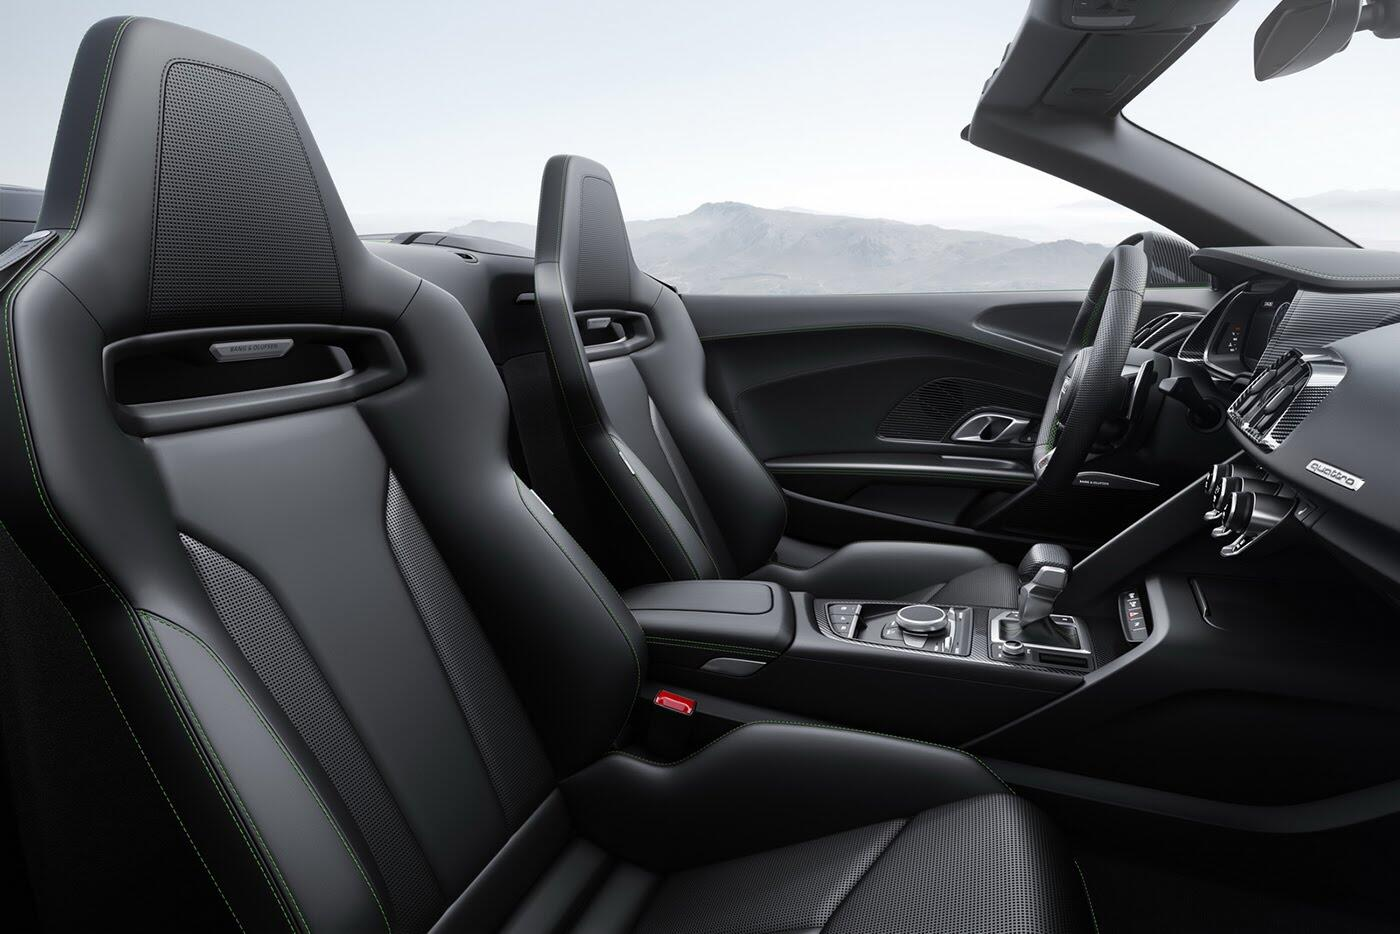 Audi R8 V10 Spyder Plus trình làng với sức mạnh 601 mã lực - Hình 5